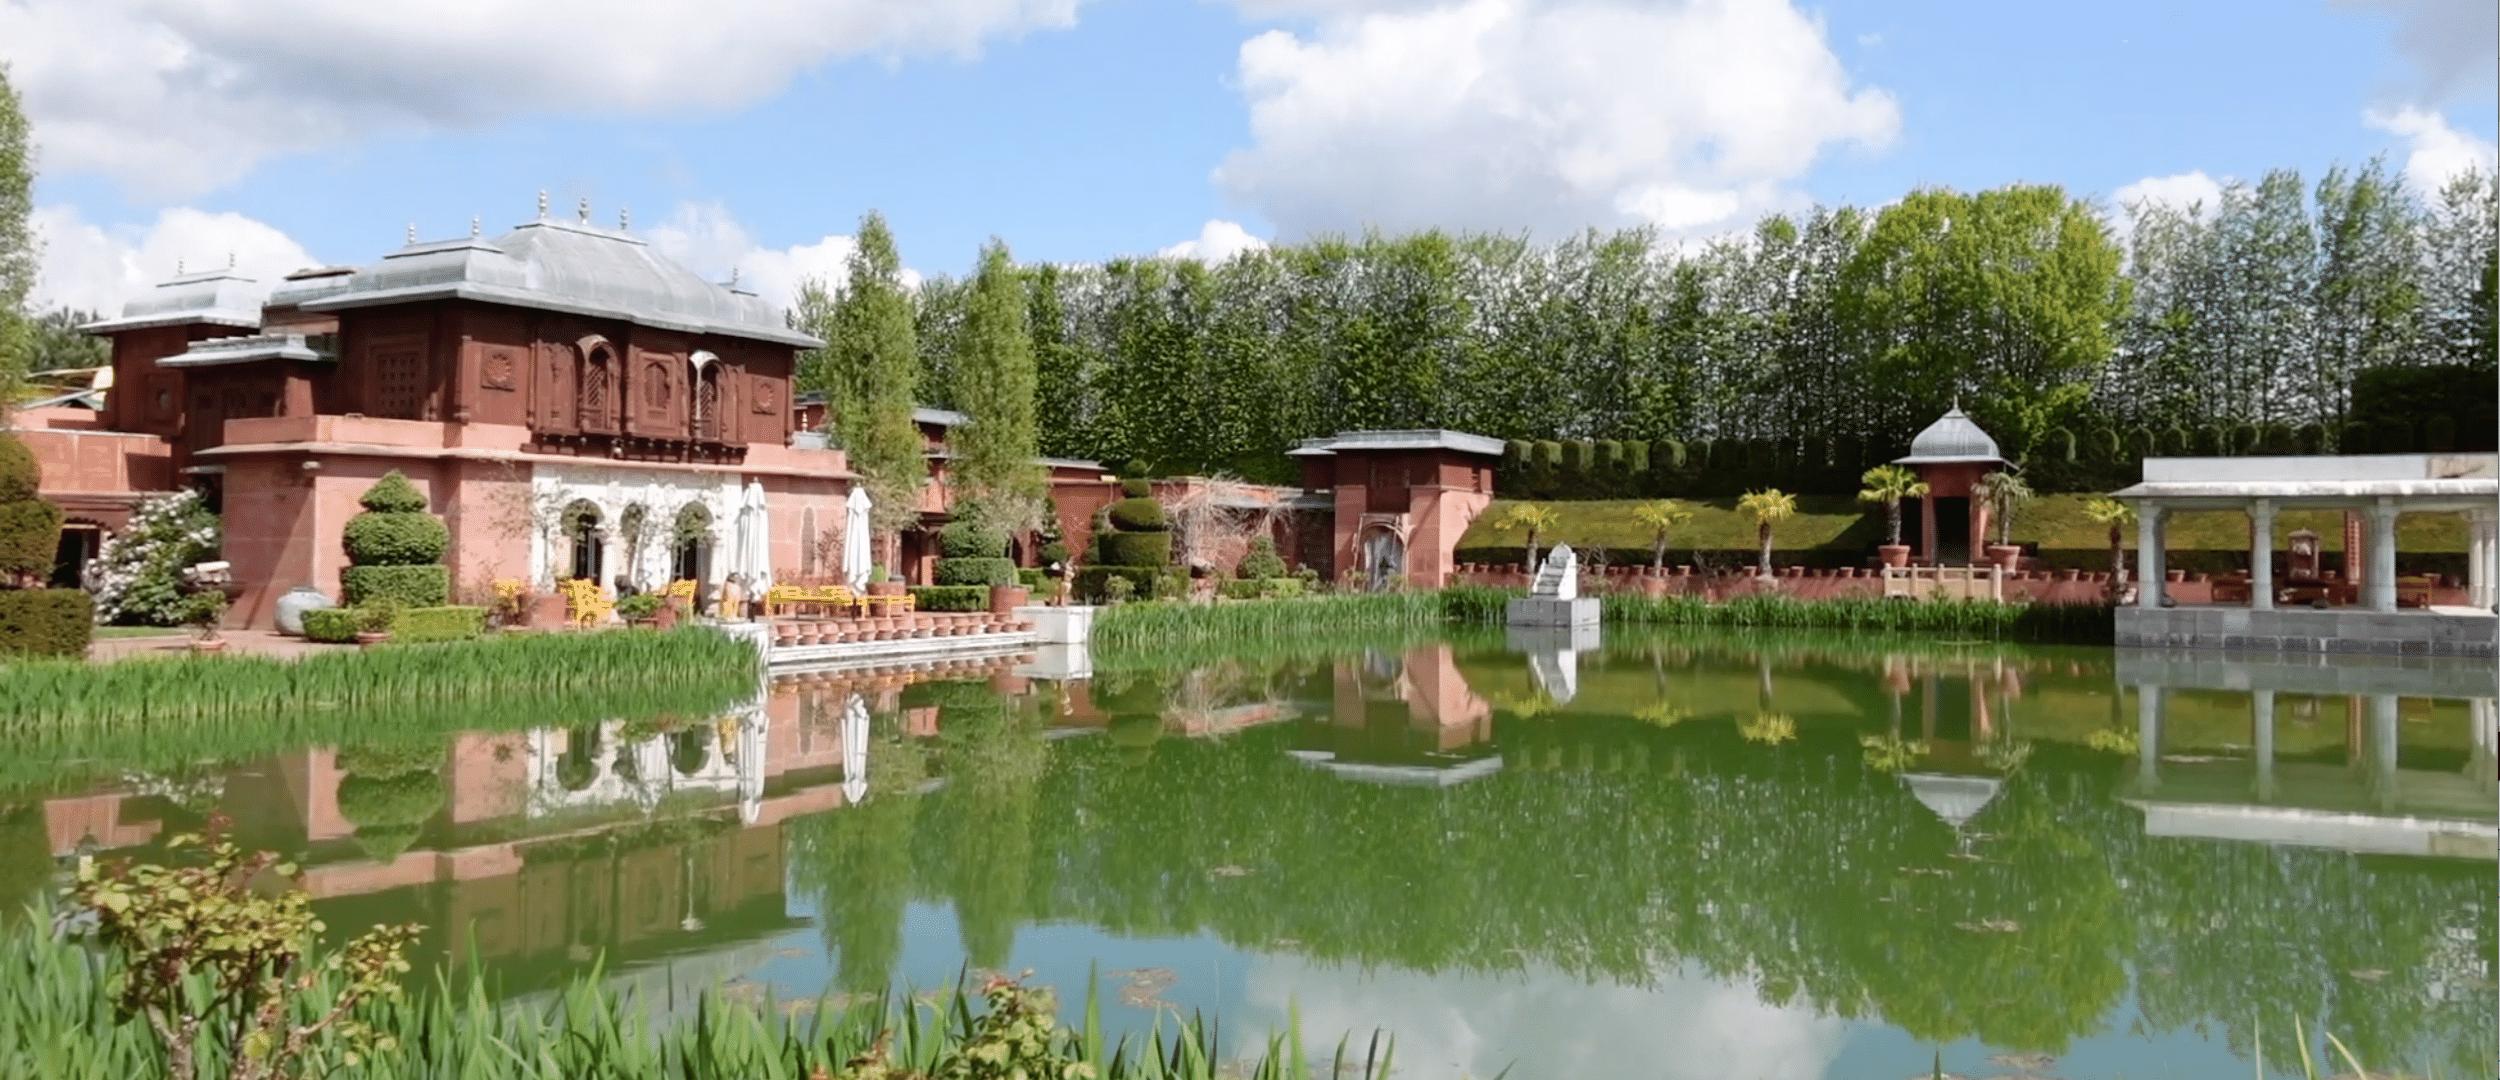 BONUS: Champ-de-Bataille, le Pavillon des rêves (Palais Moghol)